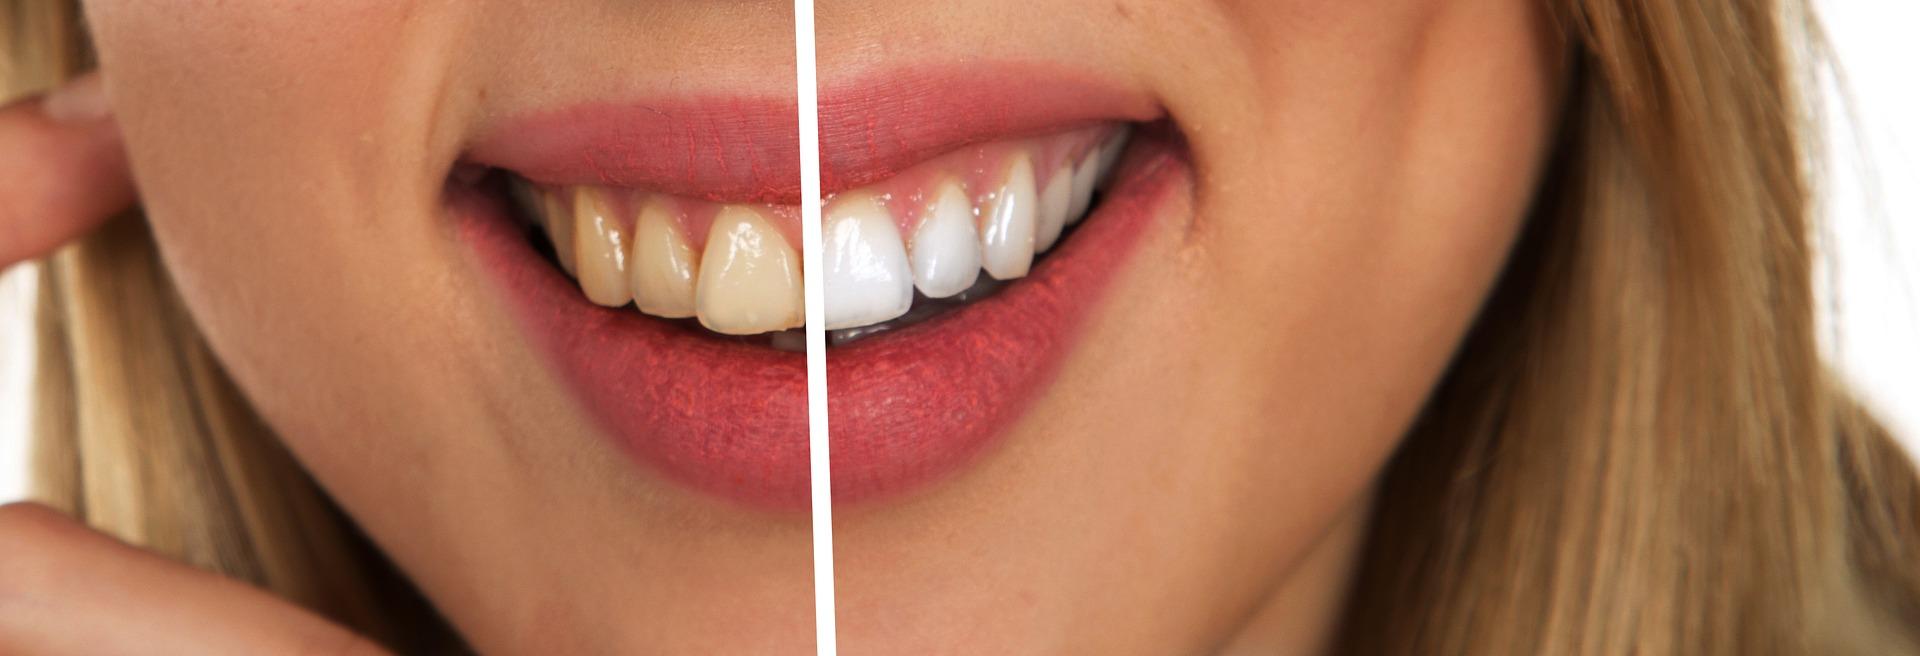 日本人の歯は汚い?ホワイトニングの種類や、治療費・料金が安いクリニック比較